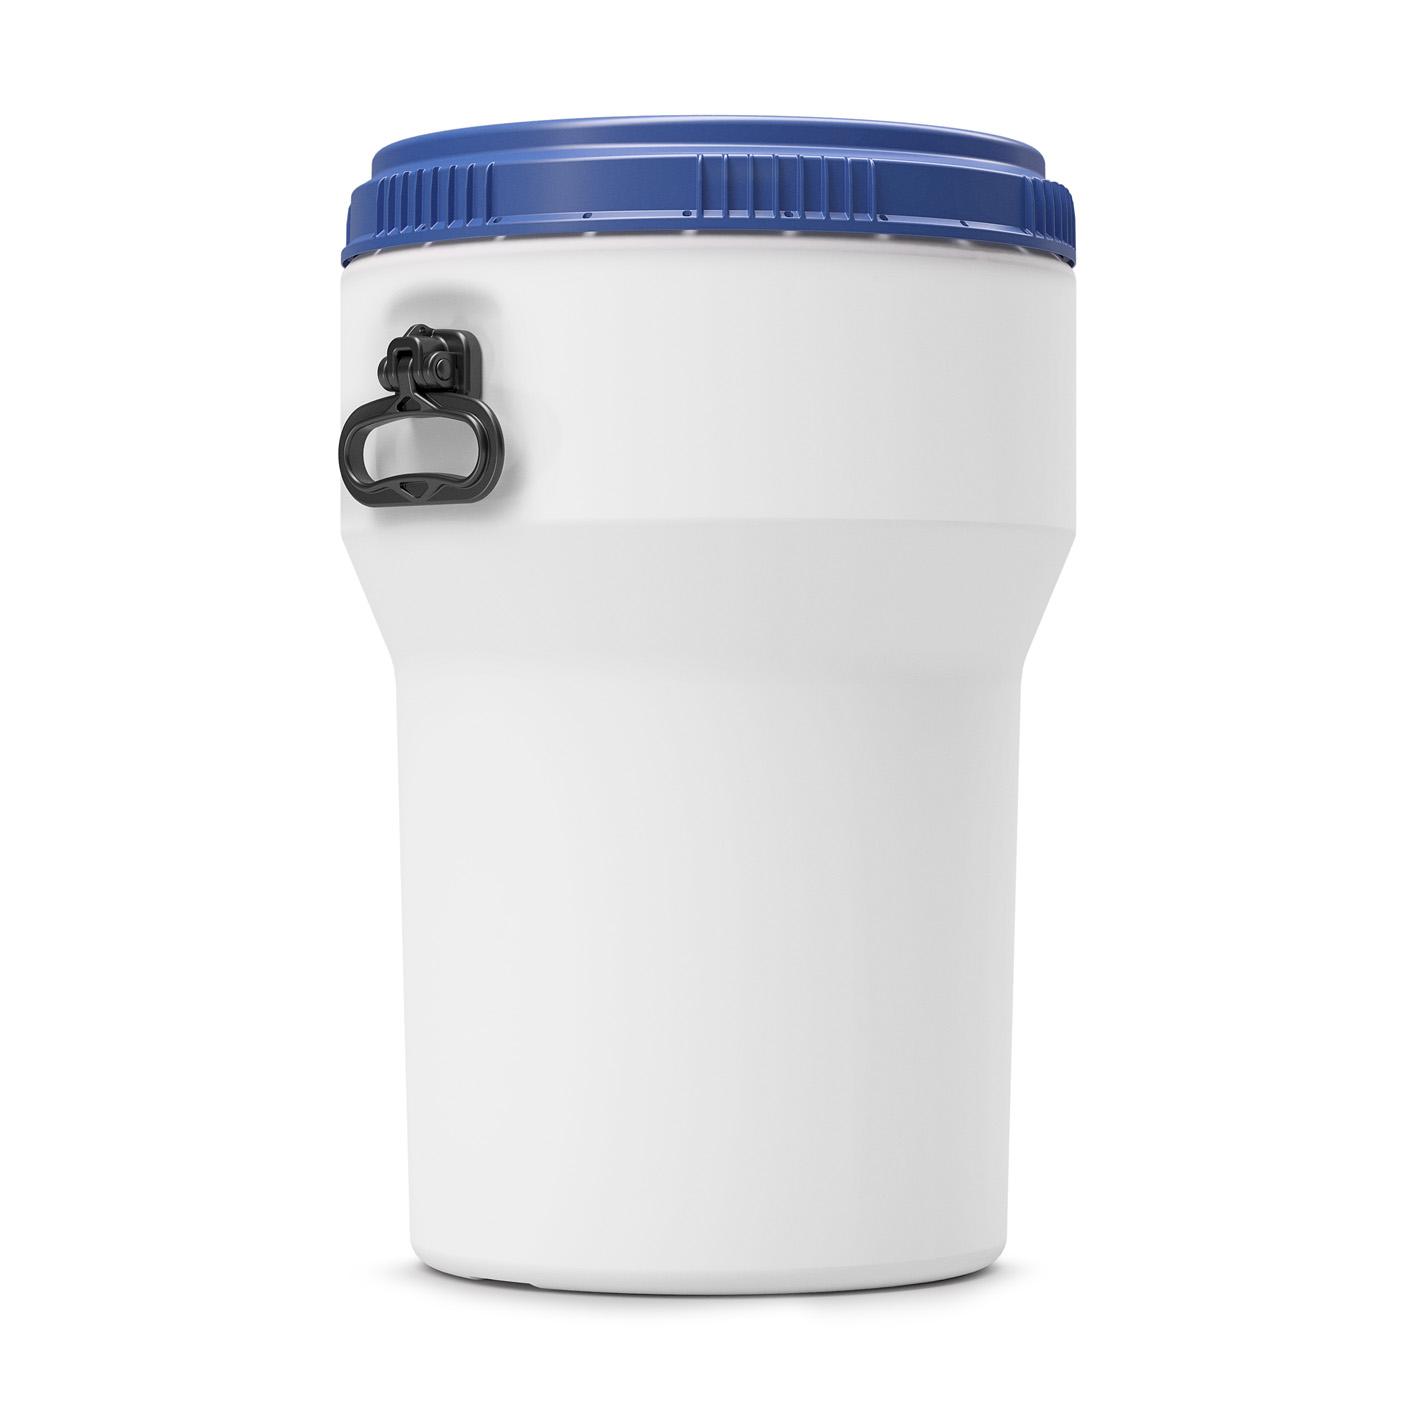 40 liter Nestable drum